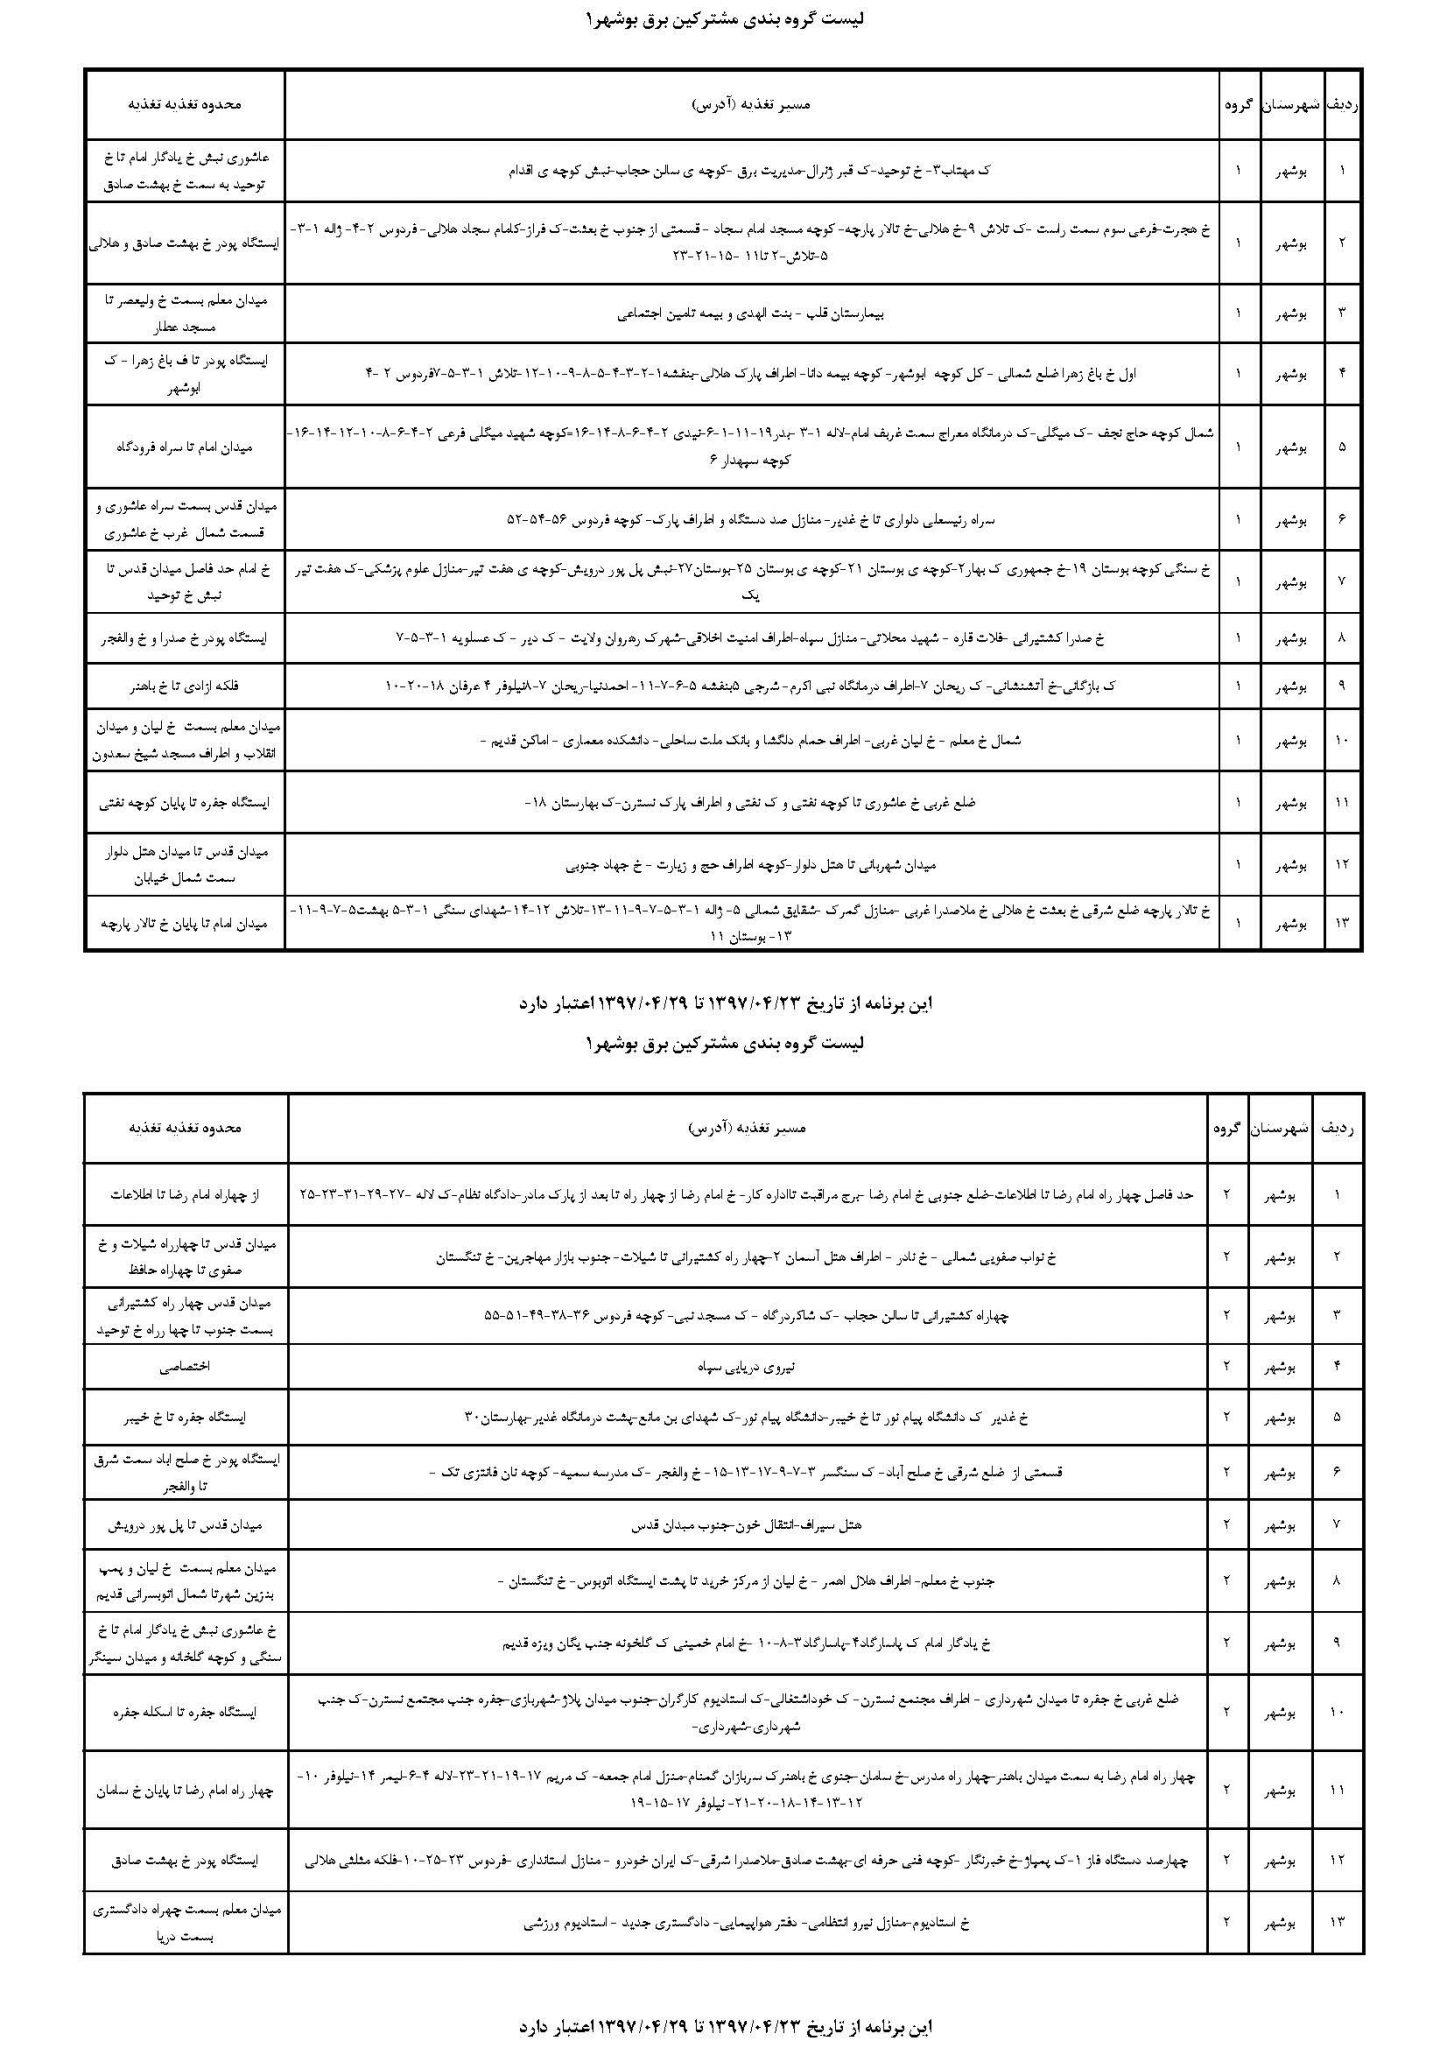 برنامه قطعی برق بوشهر سه شنبه 26 تیر 97,جدول قطعی برق بوشهر سه شنبه 26 تیر 97,زمانبندی قطع برق بوشهر 26/4/97